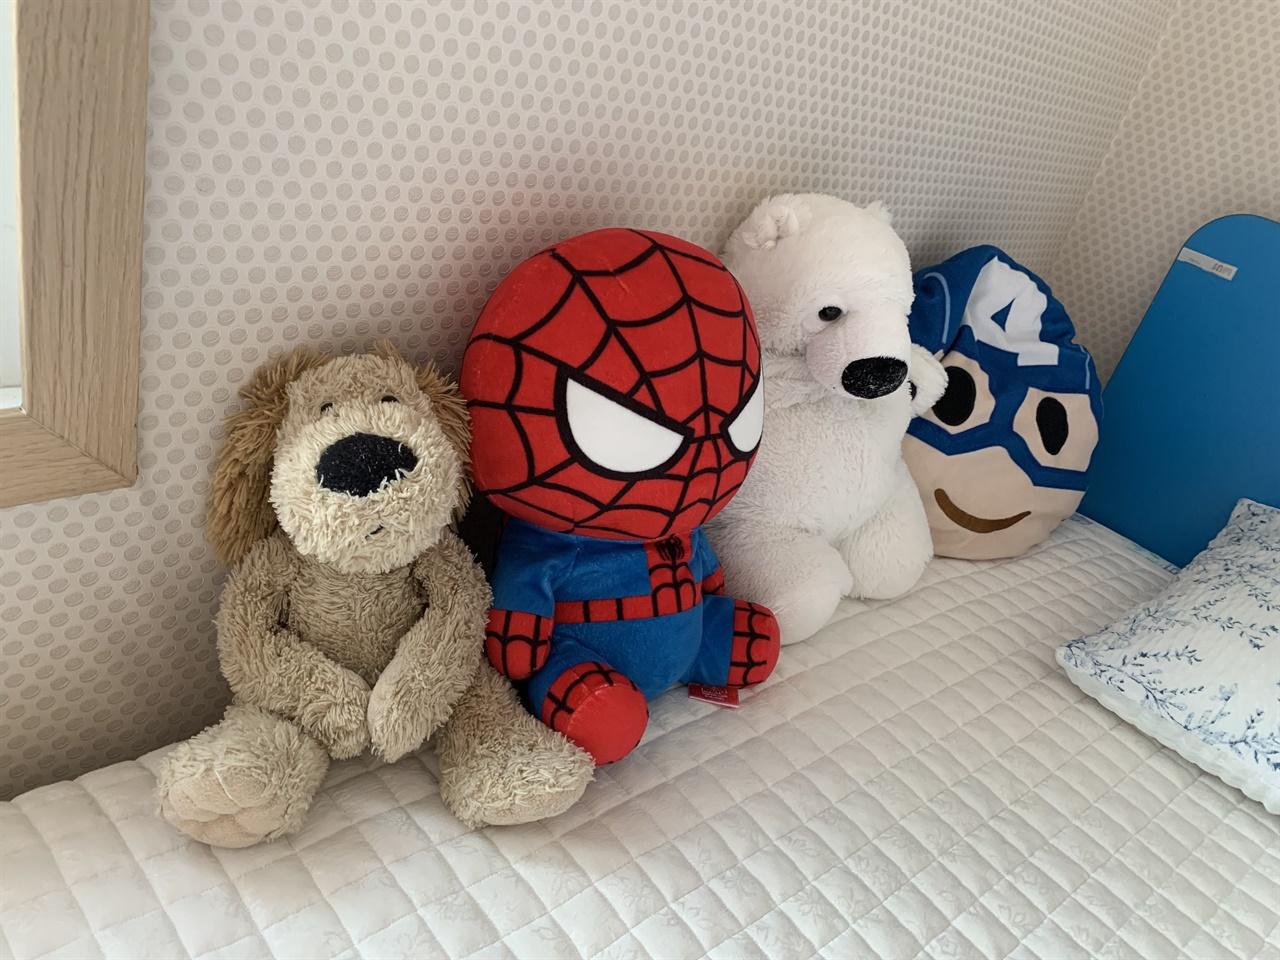 털숭이를 비롯하여 아들이 아끼는 인형들은 변함없이 녀석의 침대를 지키고 있다.